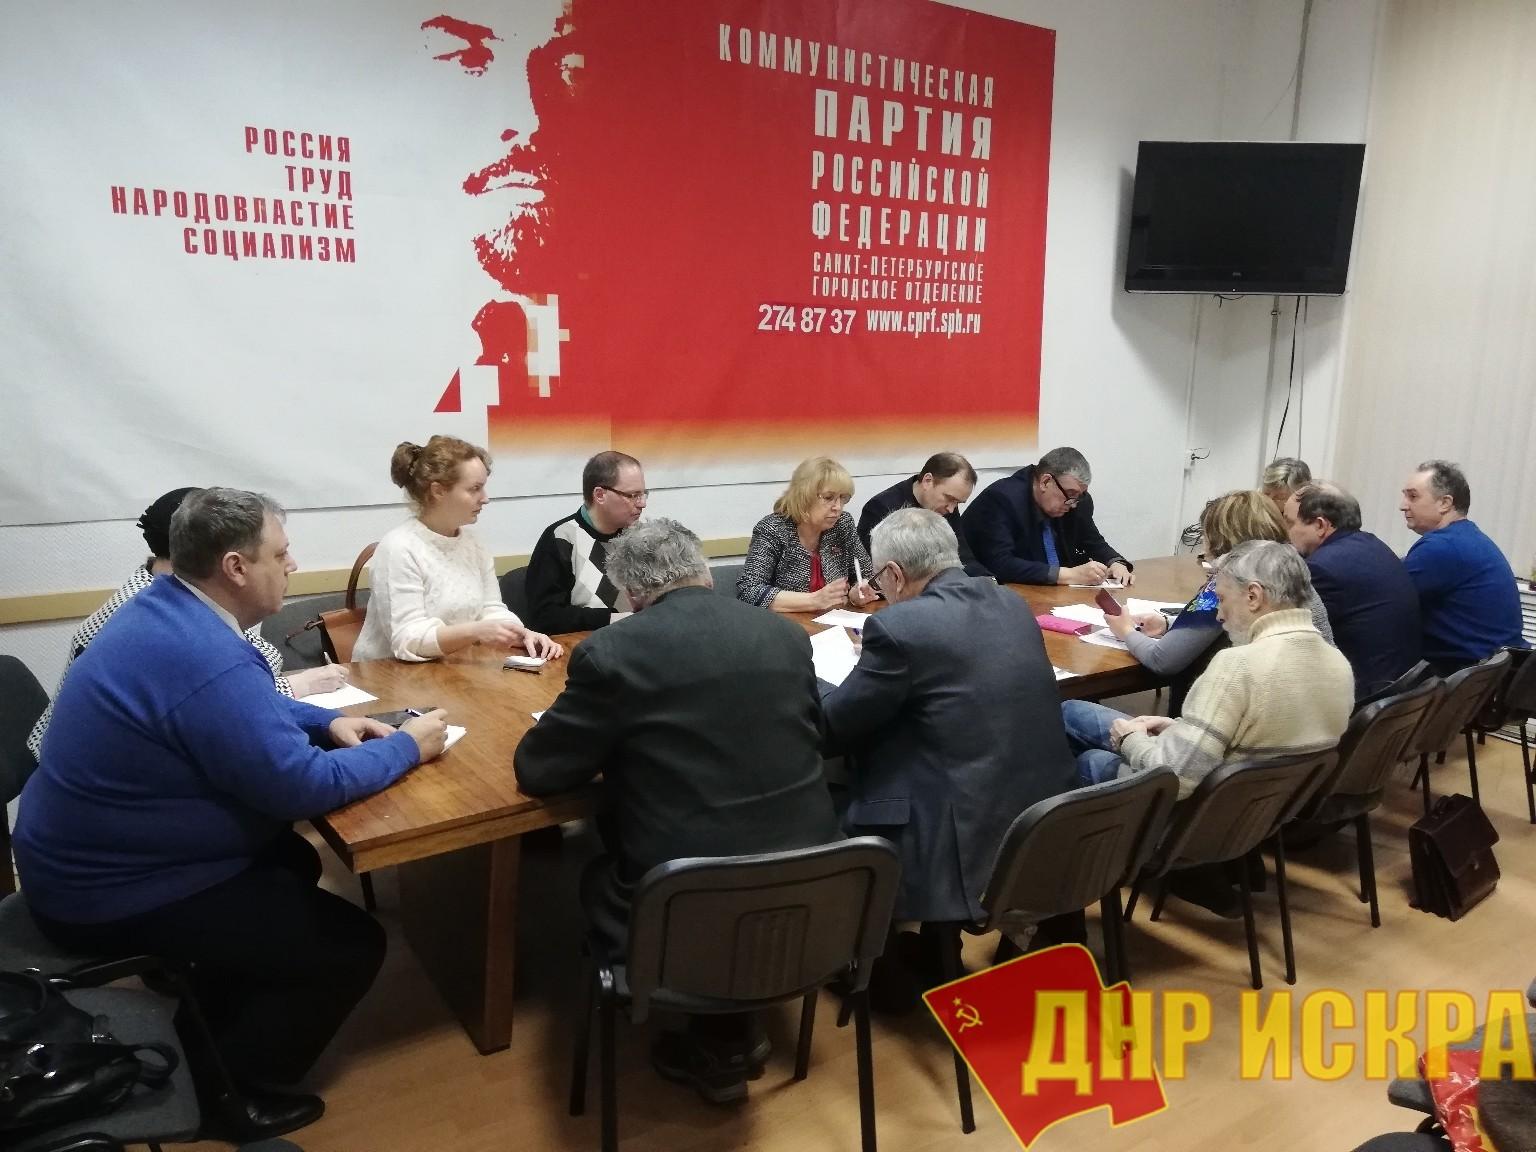 Совет представителей общественных организаций и движений при фракции КПРФ: Изменить ситуацию к лучшему!